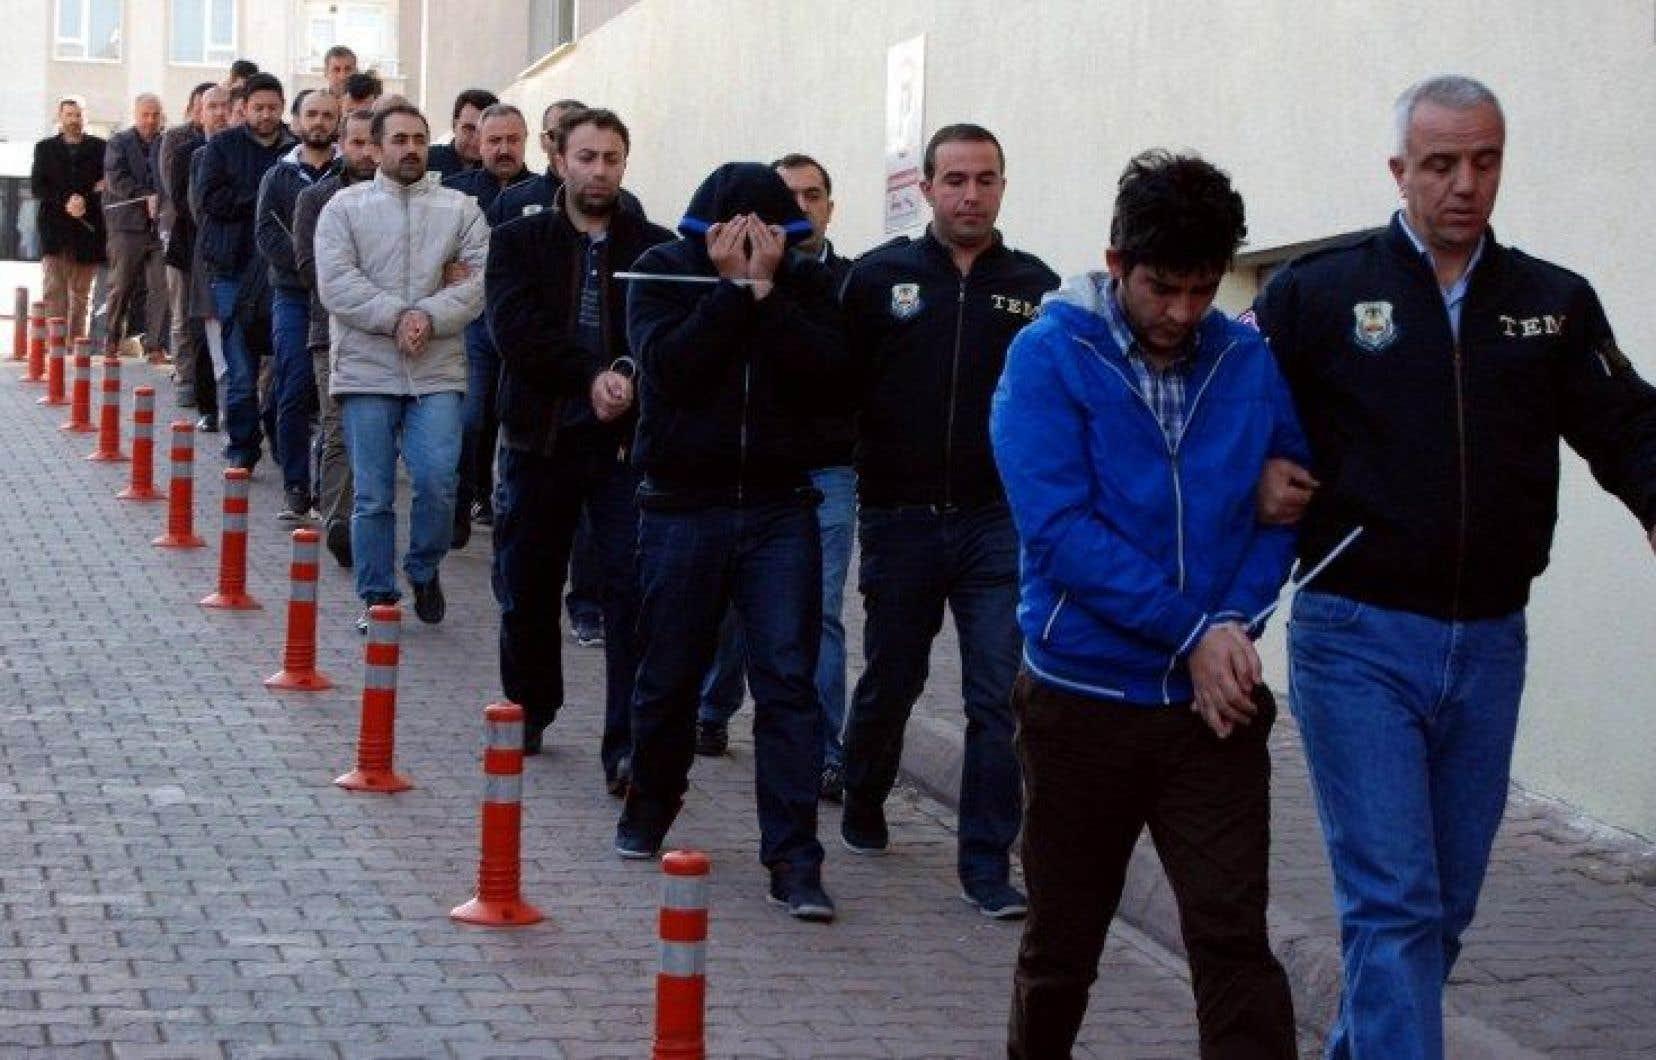 Des policiers turcs escortent des personnes qui ont été arrêtées mercredi.